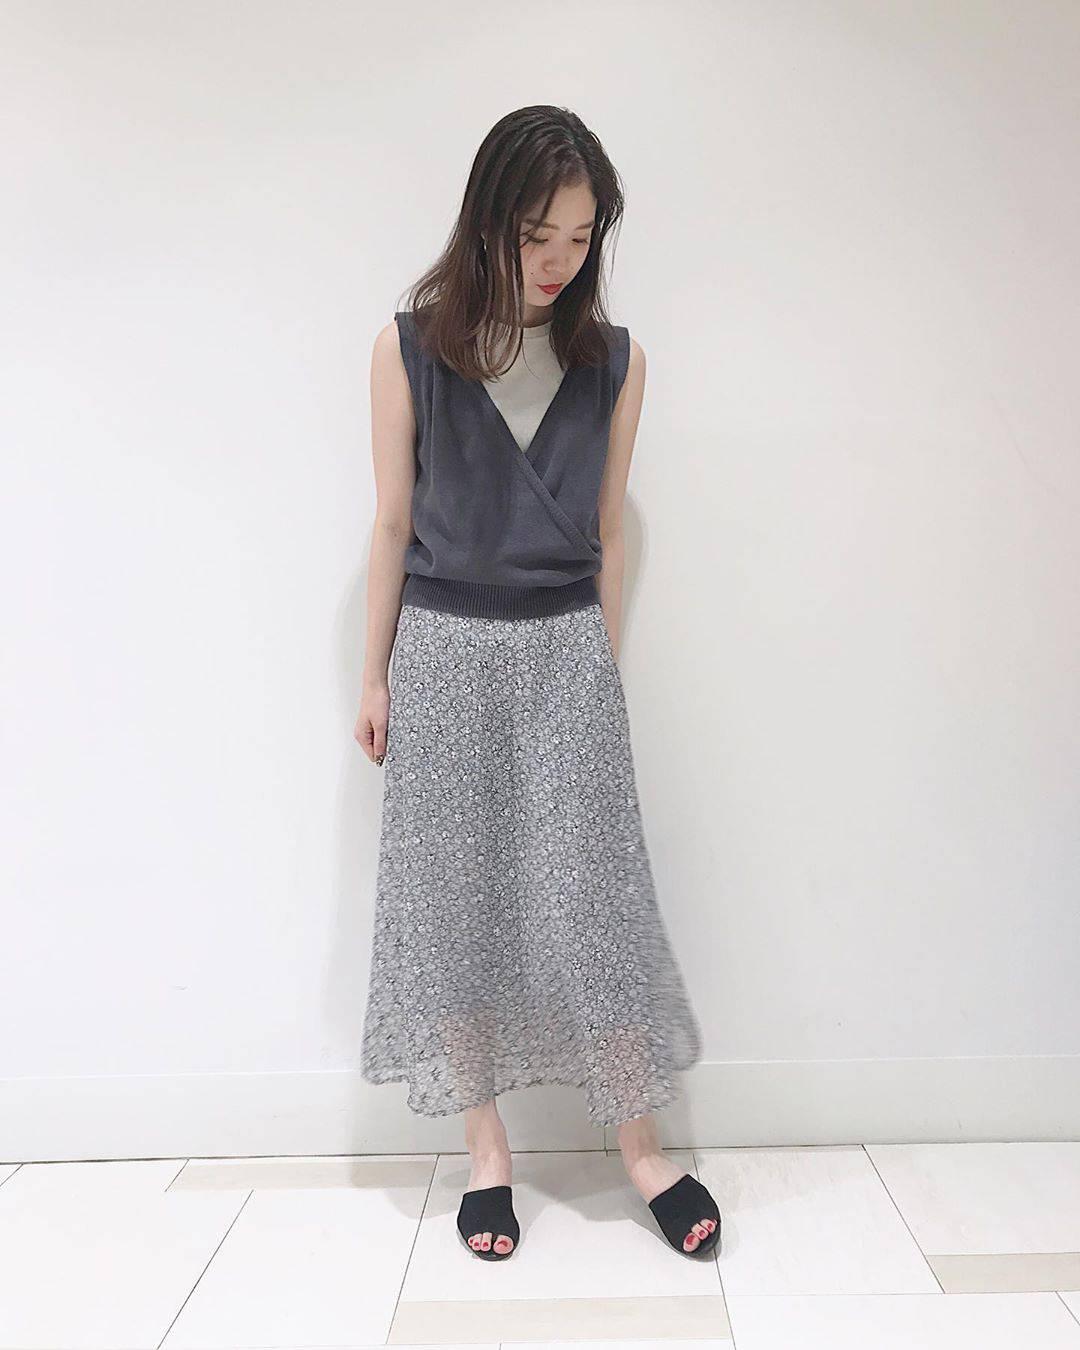 最高気温21度・最低気温17度 hikari_k0122の服装